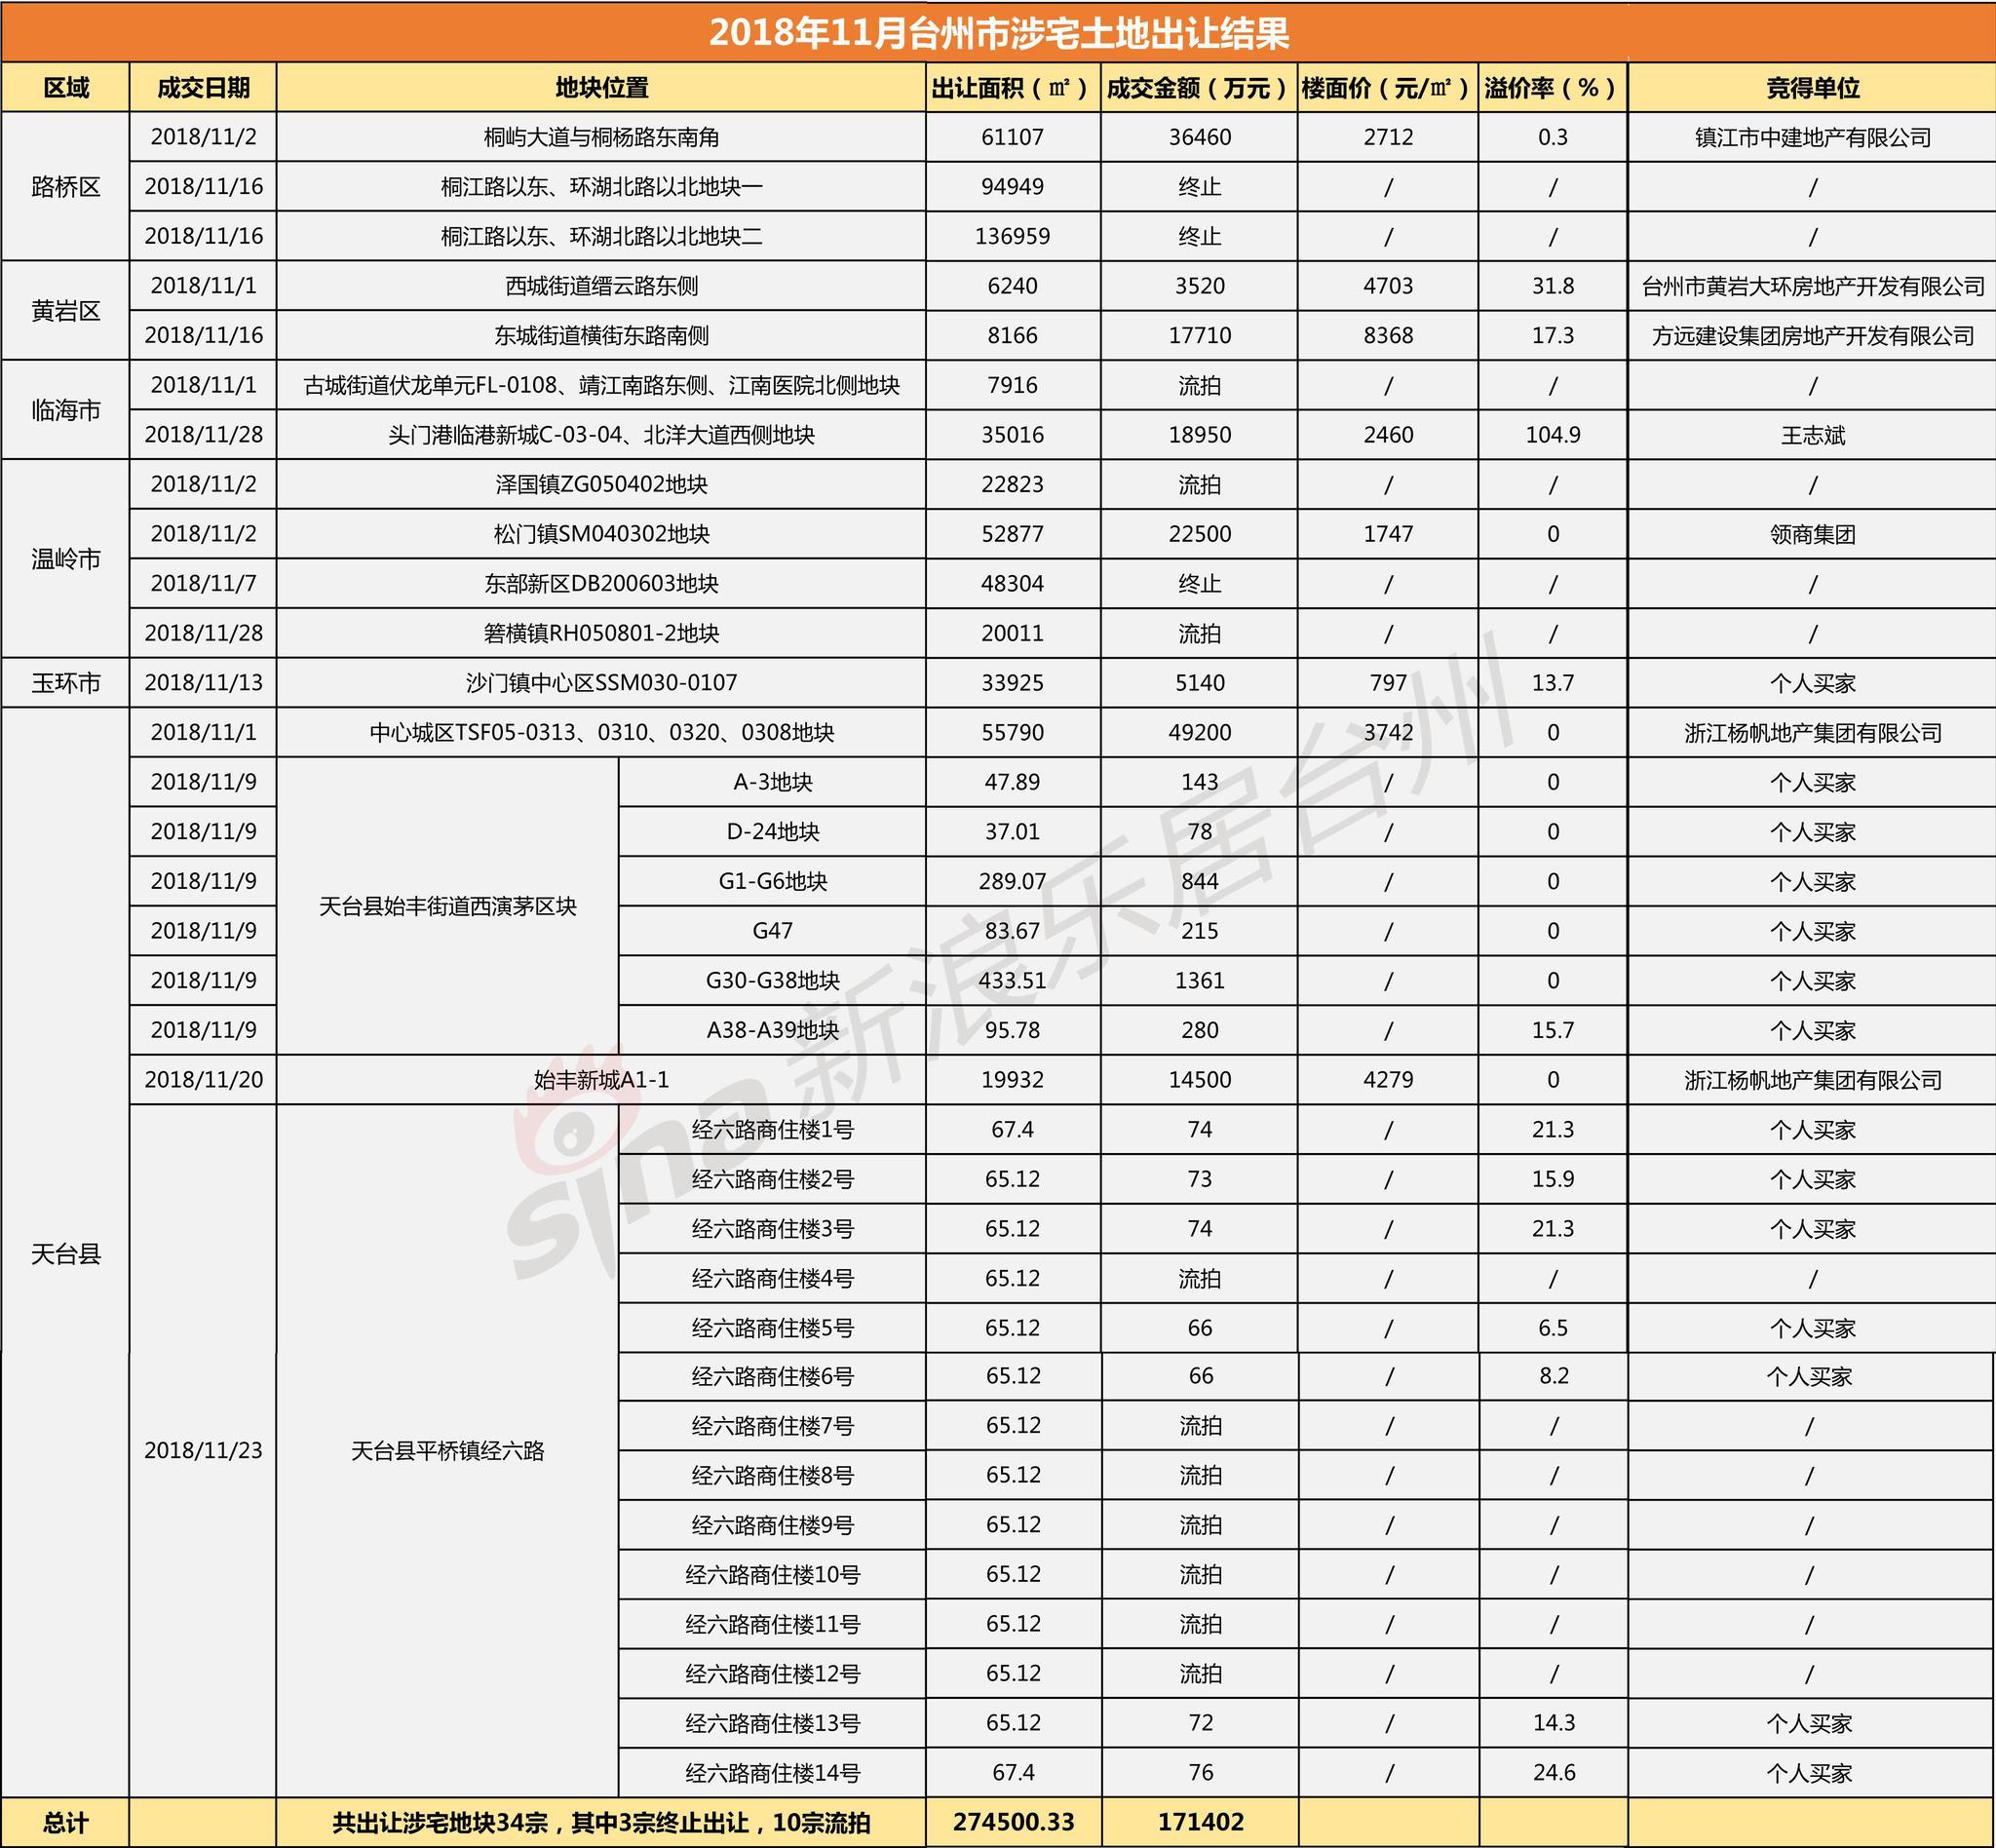 土拍月报|年末台州土地市场将迎土地扎堆供应